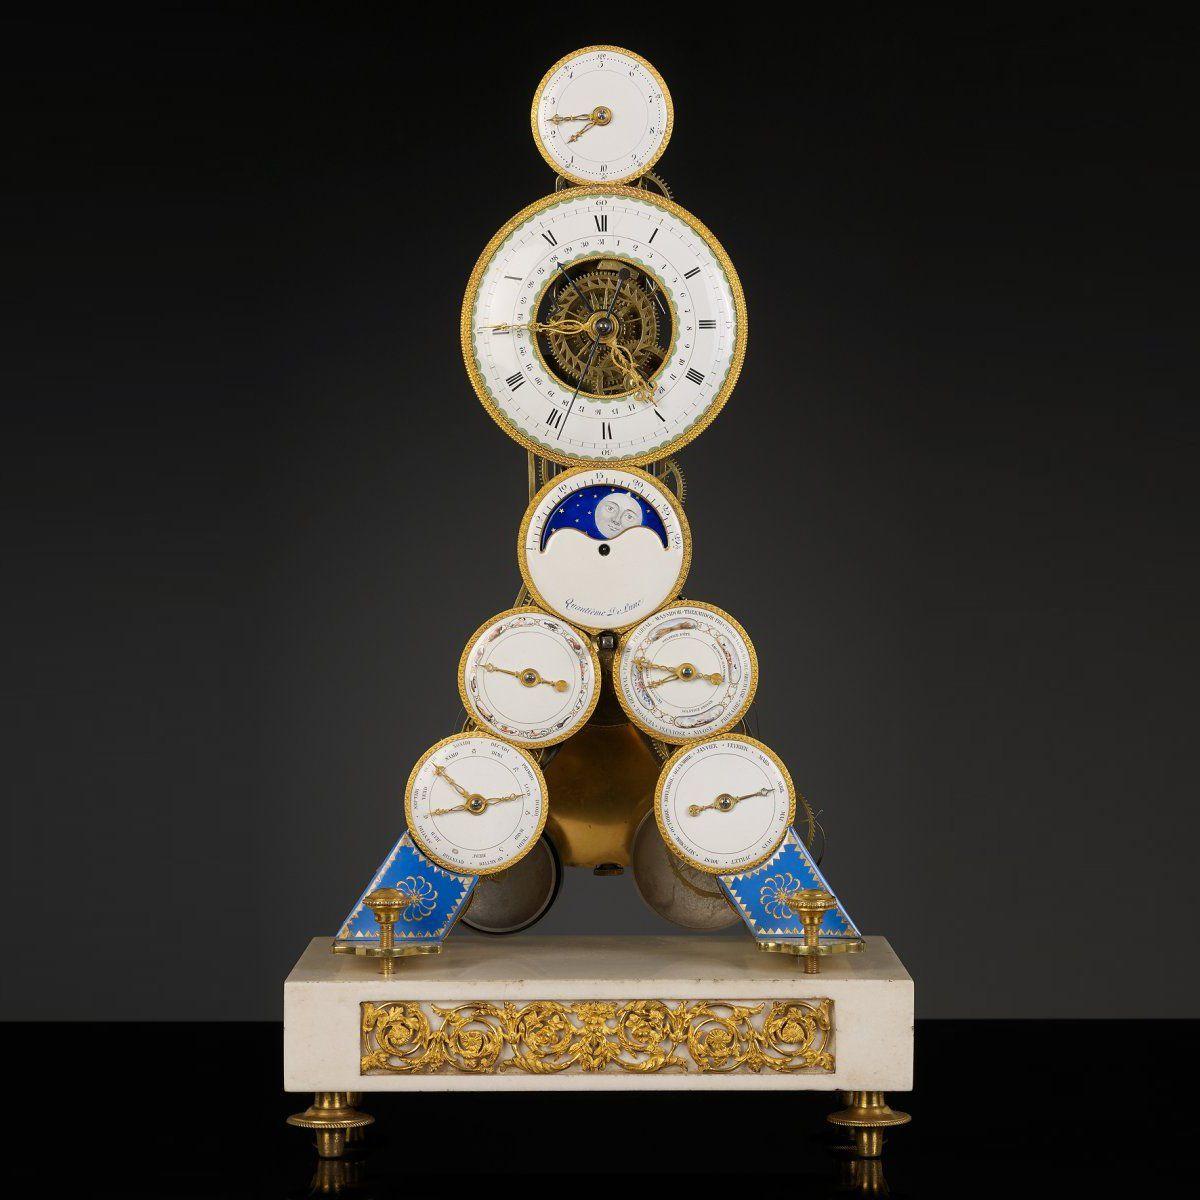 Calendrier Gregorien Et Republicain.C1793 1805 Pendule Squelette Avec Calendrier Gregorien Et